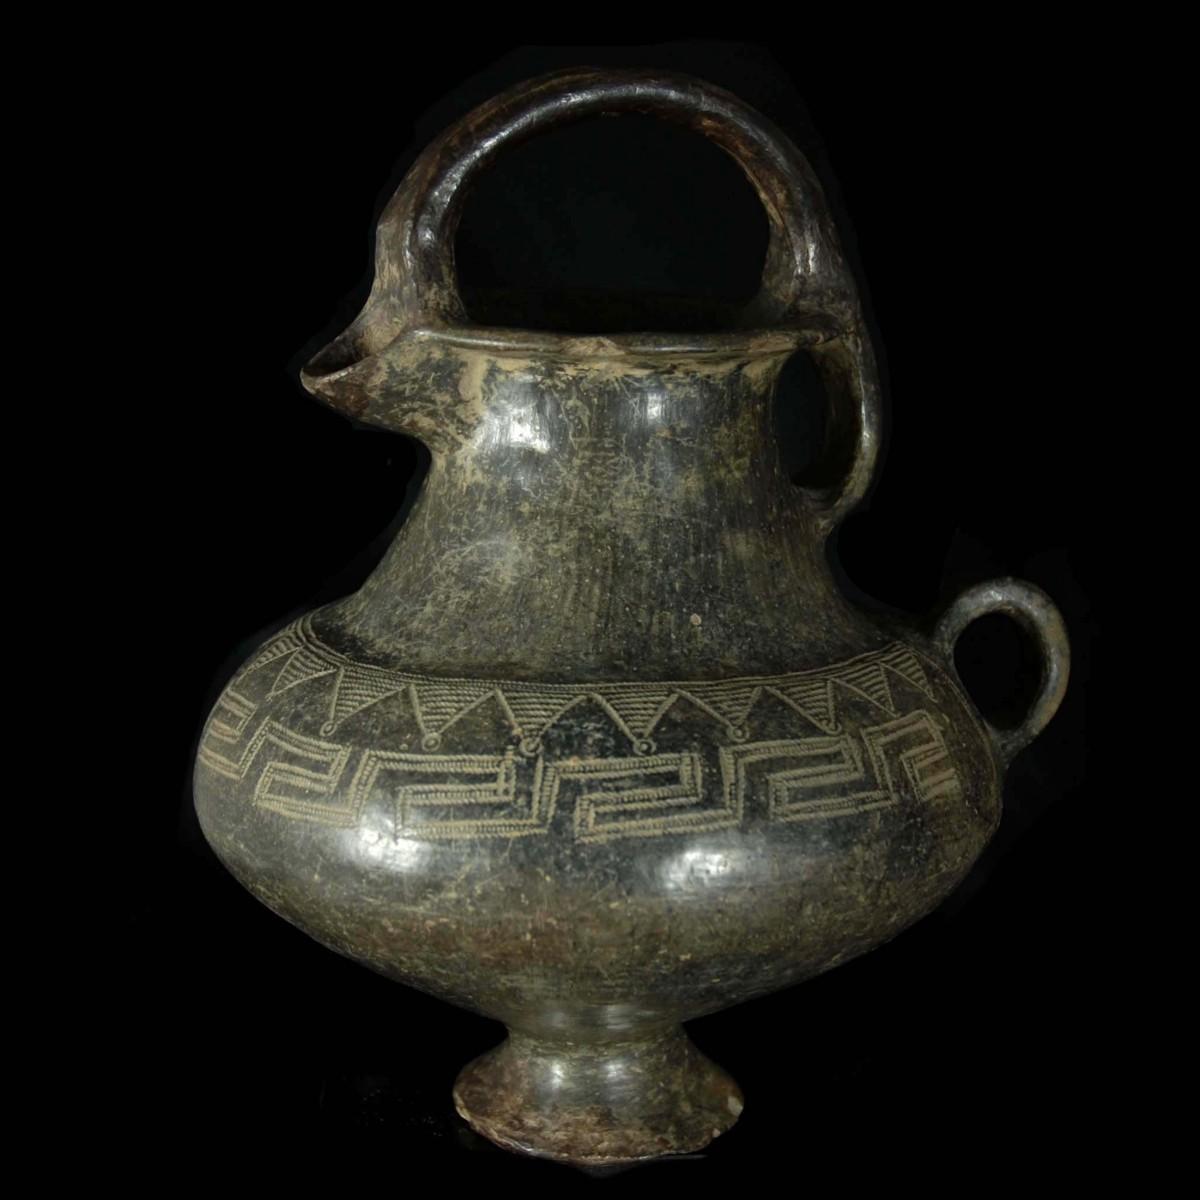 Villanova stirrup jar left